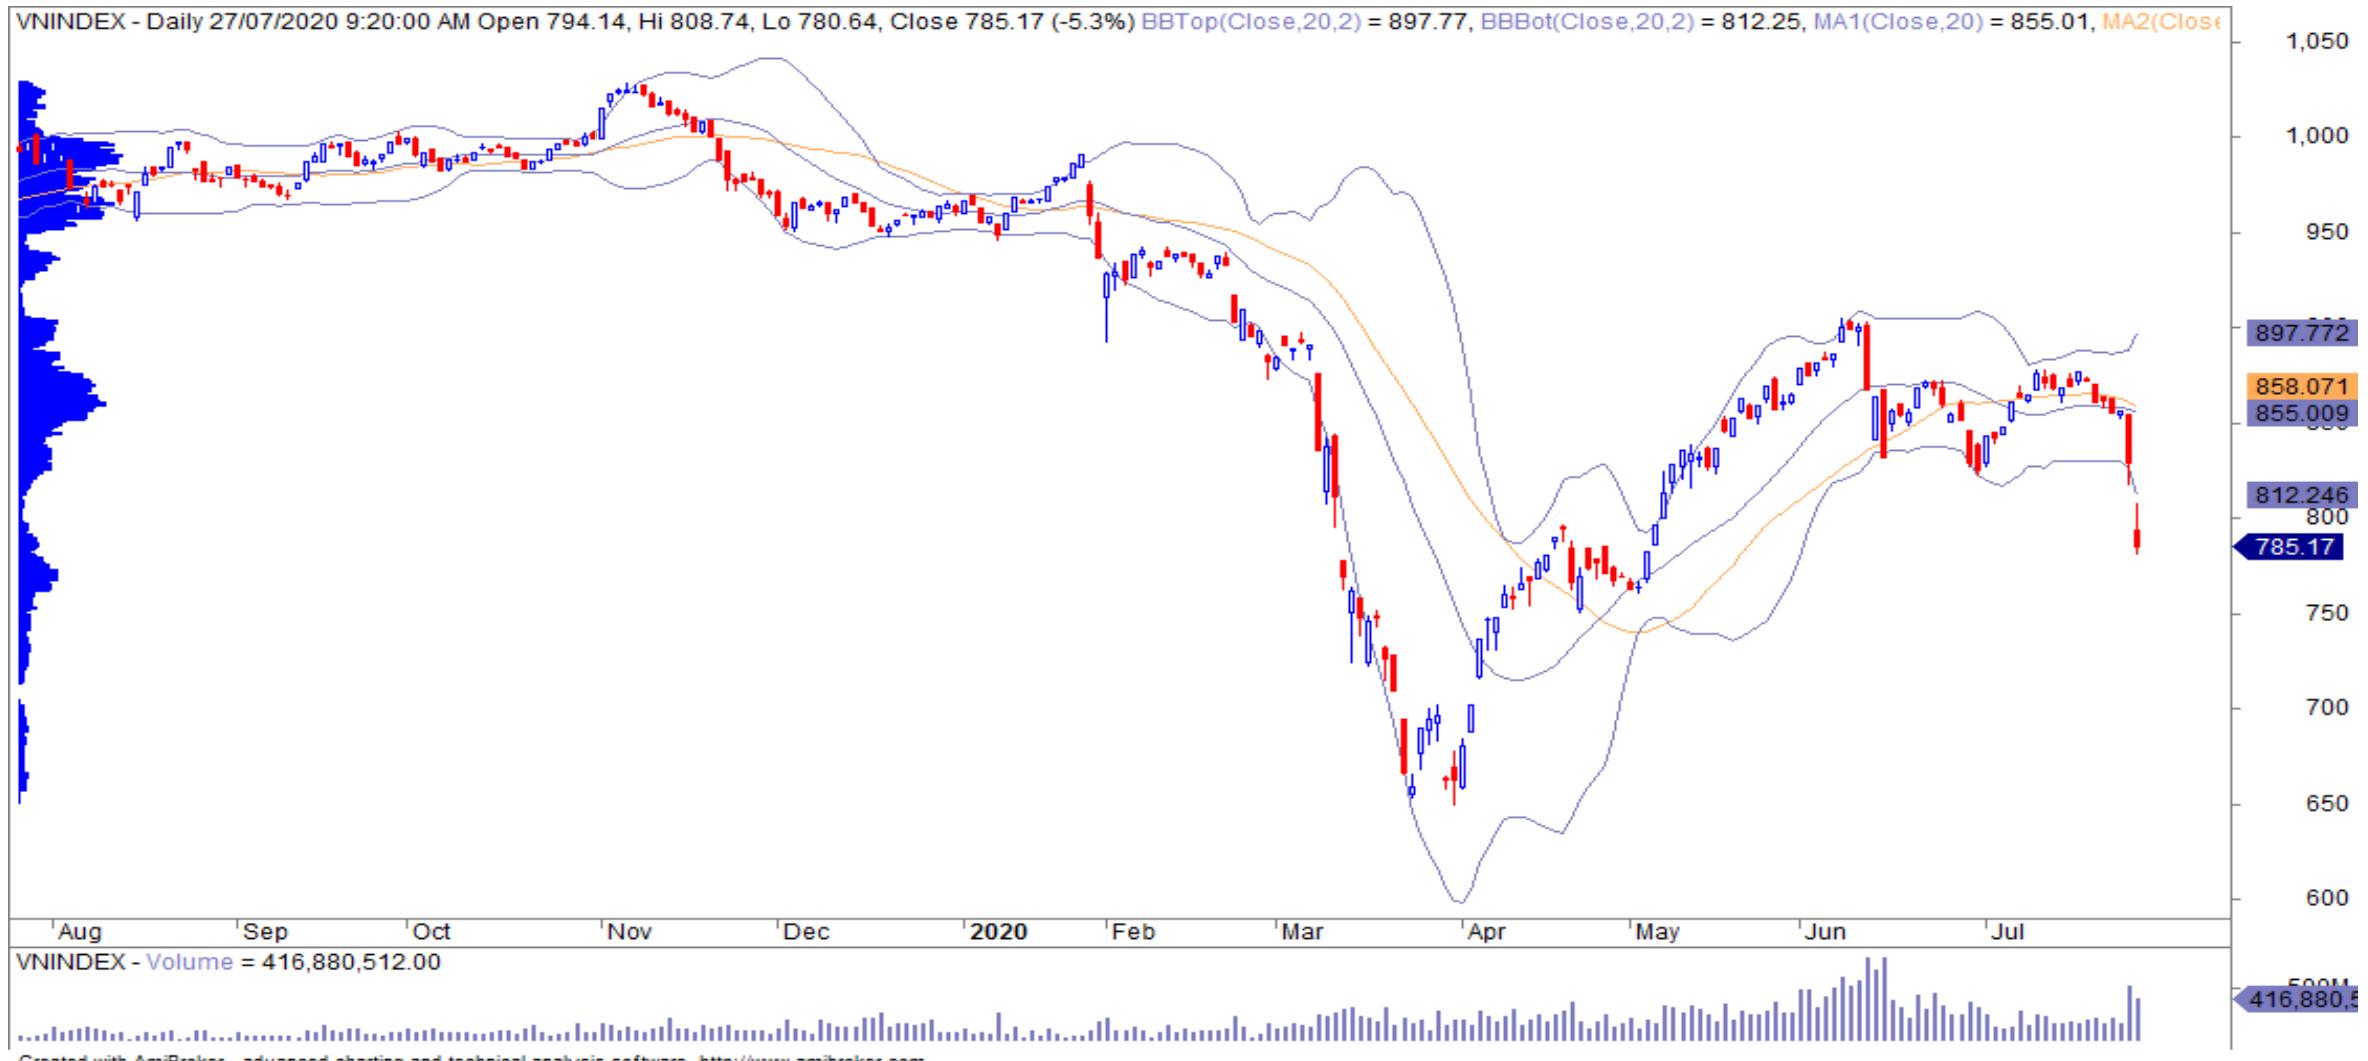 Nhận định thị trường chứng khoán 28/7: Mức hỗ trợ quan trọng tiếp theo của VN-Index là 745 điểm - Ảnh 1.